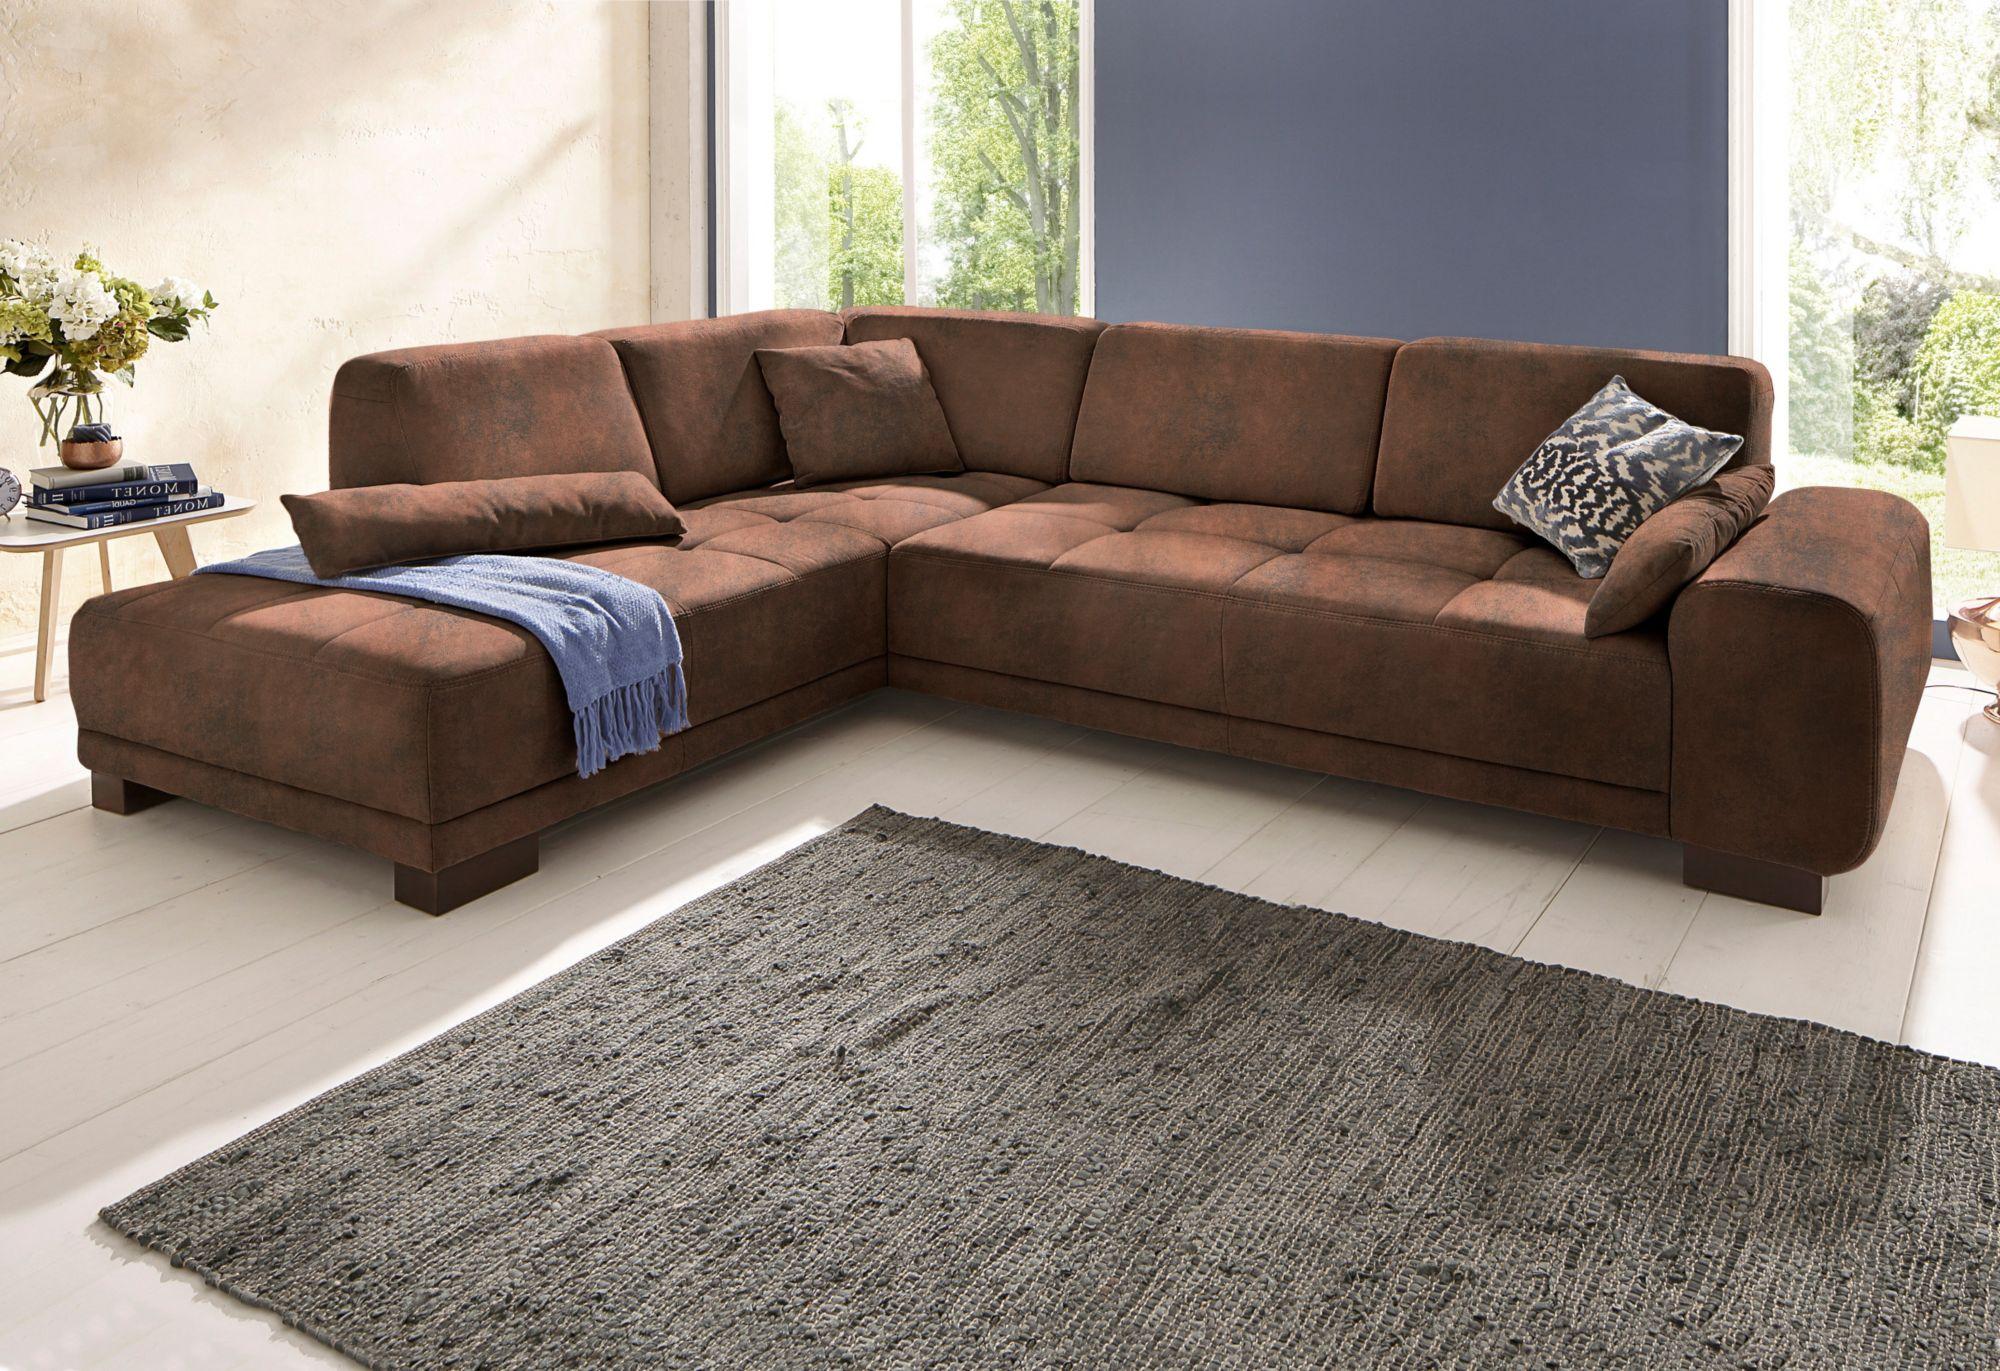 megapol sofa isola ashley furniture hogan mocha ecksofa mit sitztiefenverstellung deptis